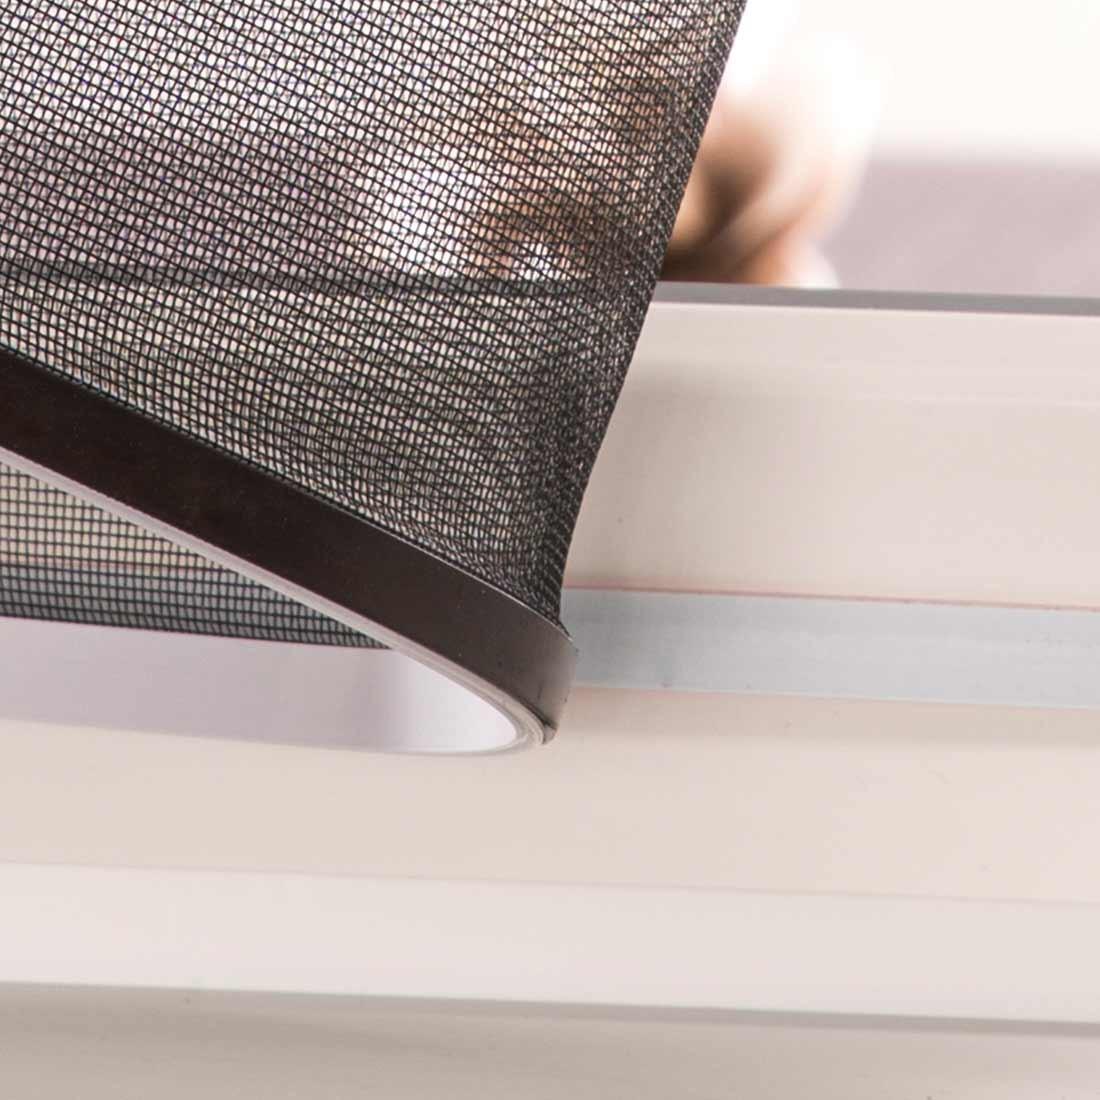 Full Size of Fliegengitter Magnet Easy Insektenschutzfenster 130x150 Fenster Magnettafel Küche Für Maßanfertigung Wohnzimmer Fliegengitter Magnet